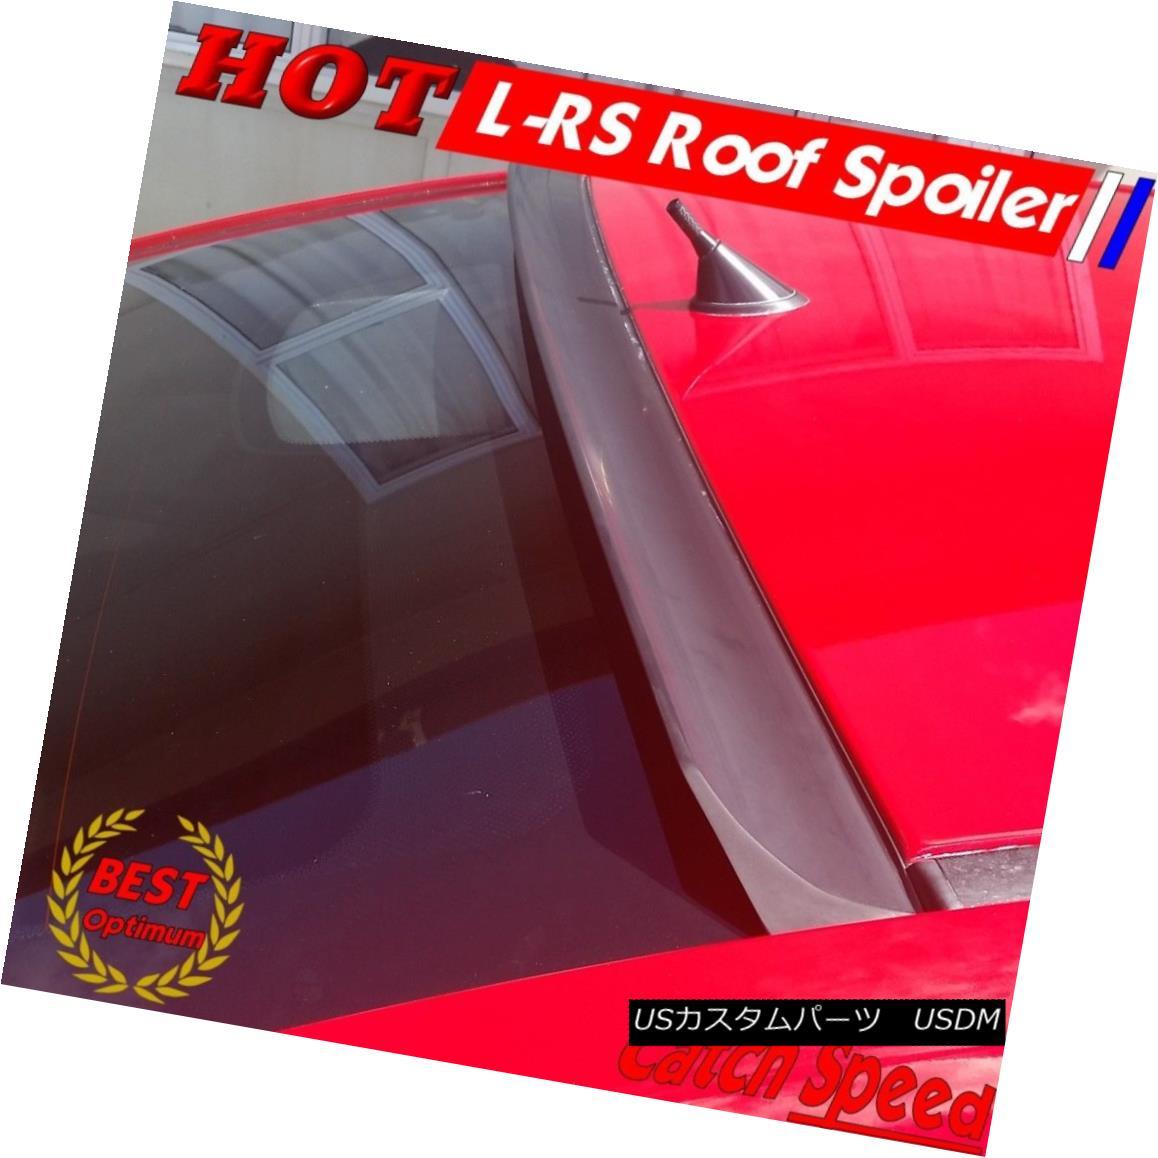 エアロパーツ Painted LRS Rear Roof Spoiler Wing For Hyundai Genesis 2013-2015 Coupe ? Hyundai Genesis 2013-2015クーペのために塗装されたLRSリアルーフスポイラーウィング?